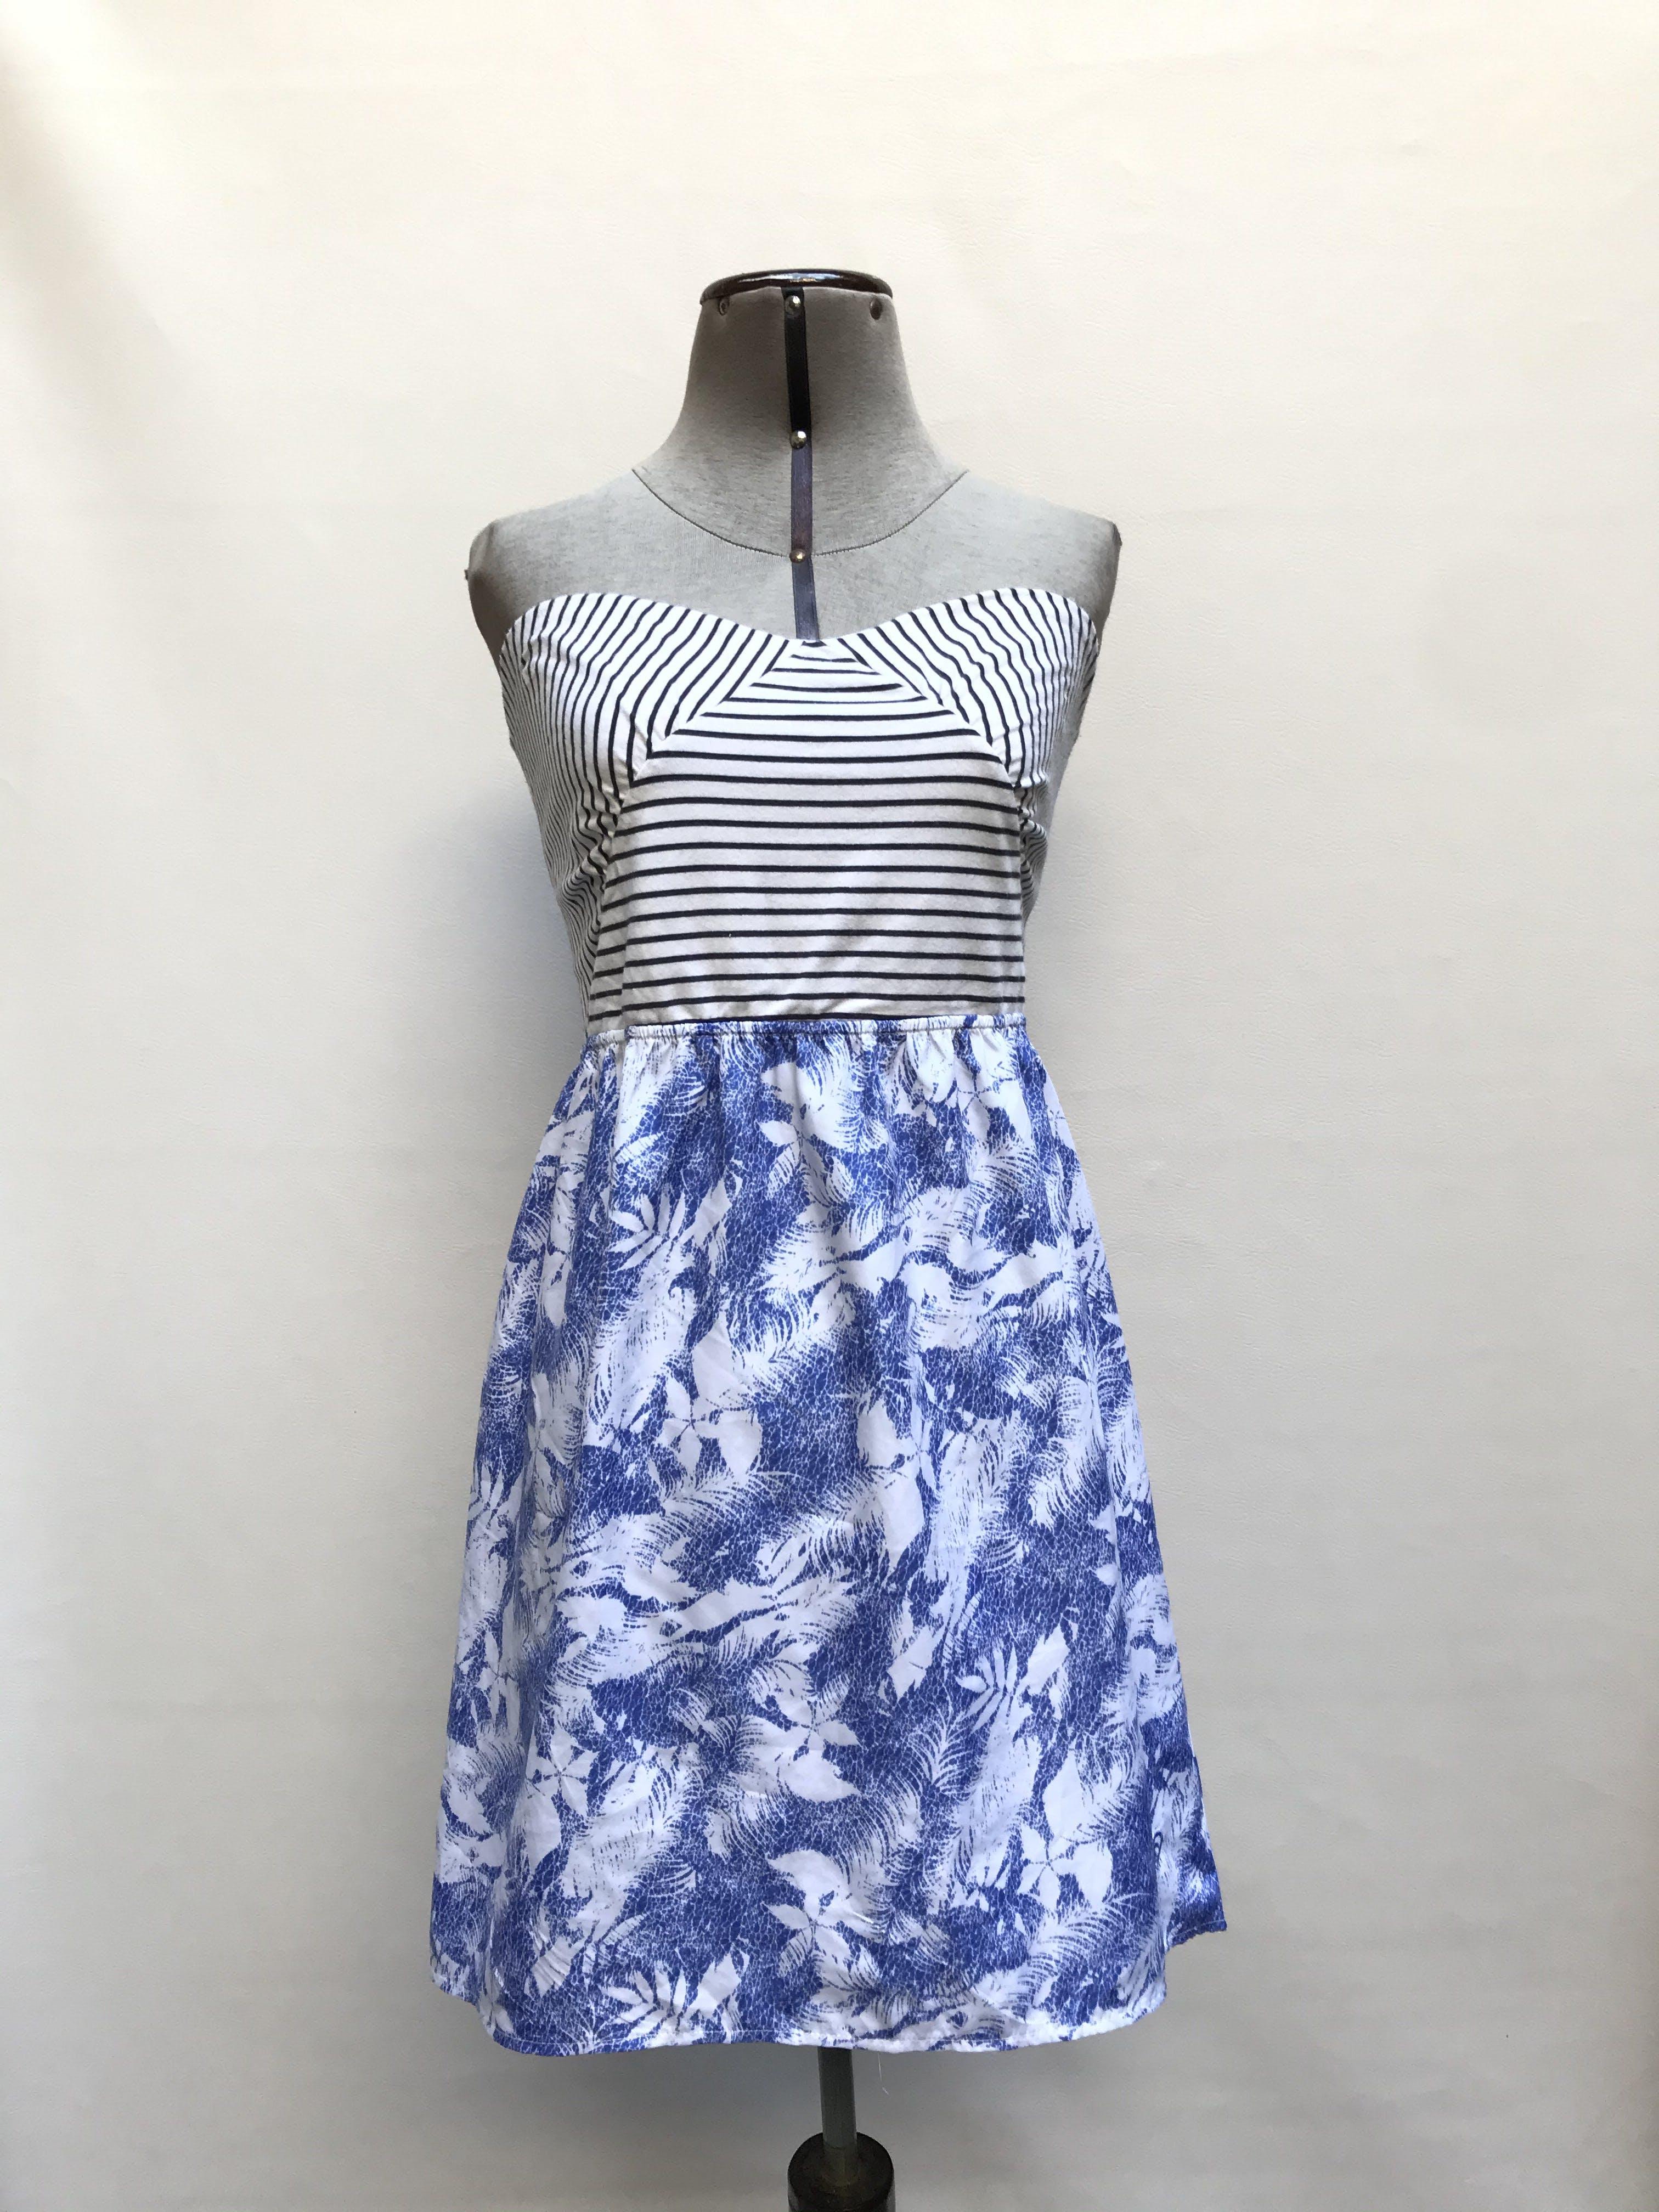 Vestido strapless busto tipo algodòn balnco con lìneas negras, falda en A azul con estampado de hojas blancas Talla L